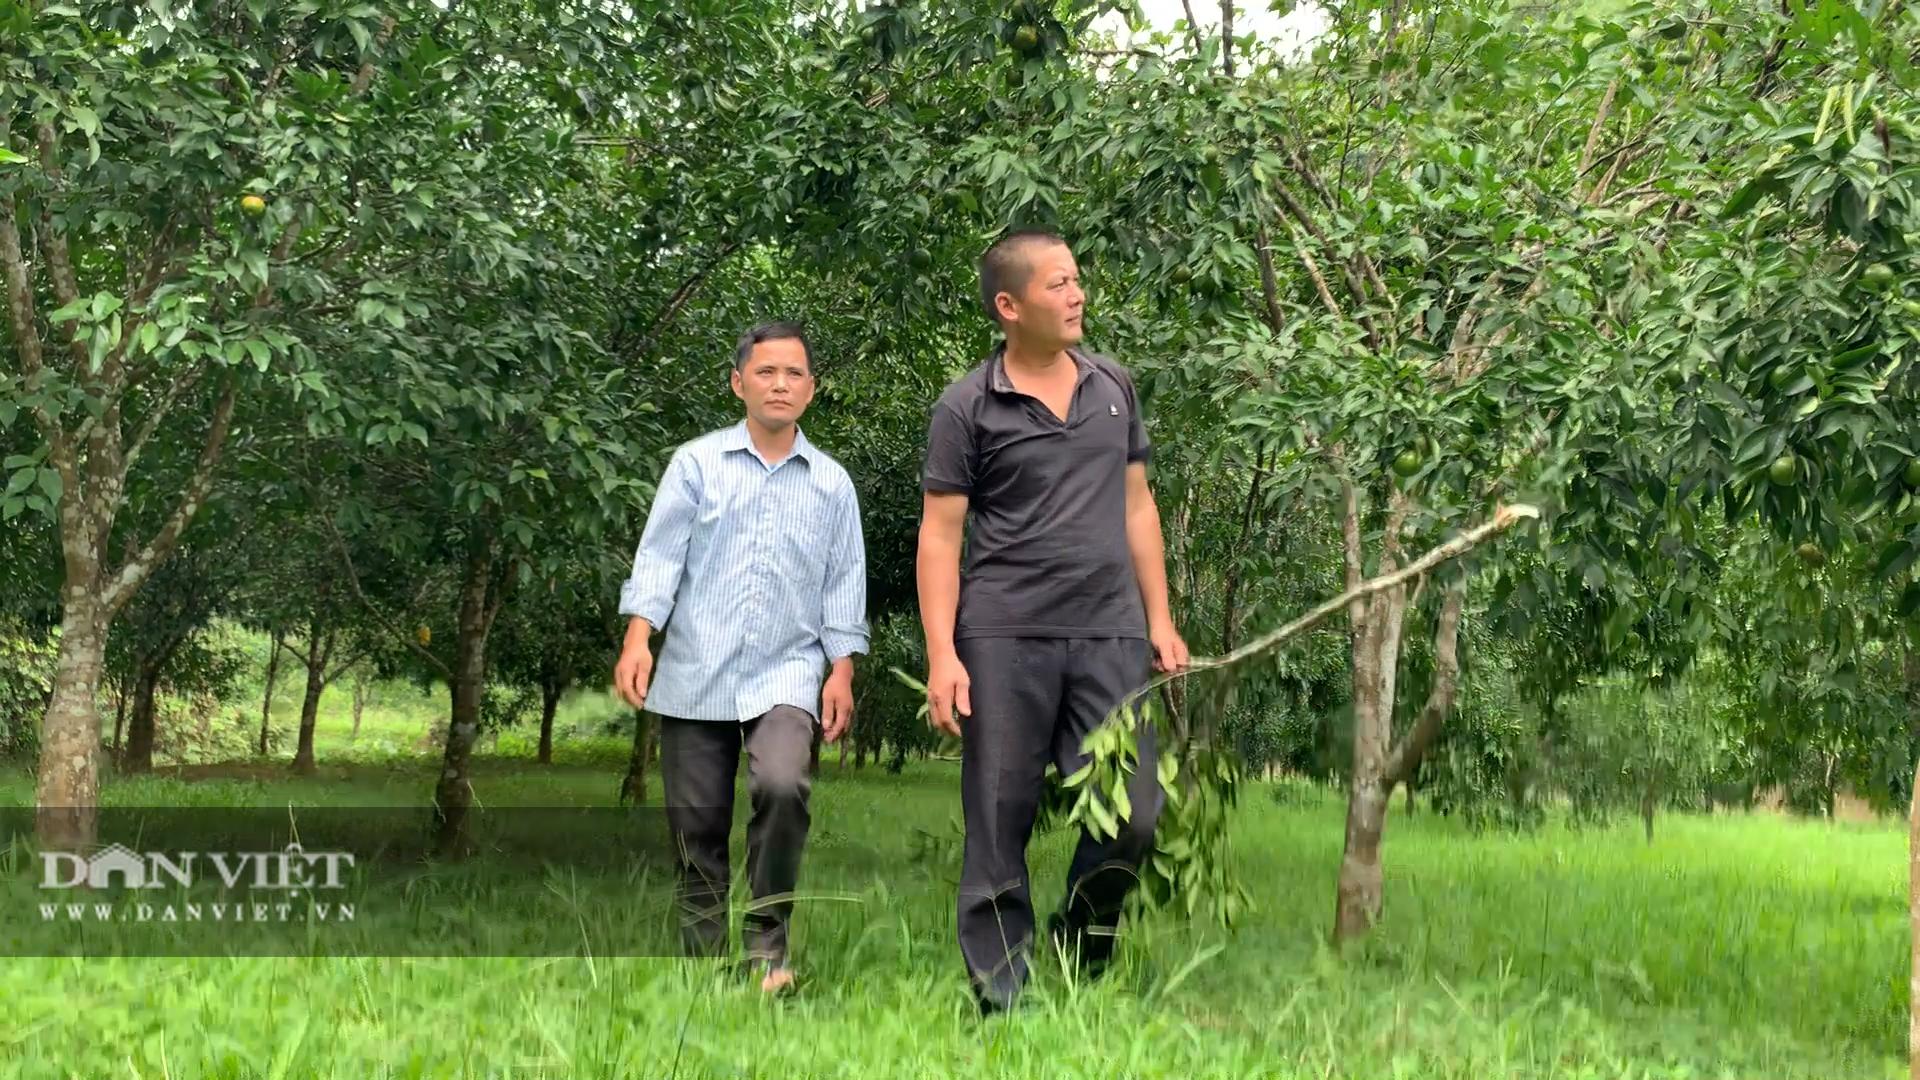 Mạnh dạn trồng cây có múi, nông dân này thu hơn 200 triệu đồng mỗi vụ - Ảnh 2.